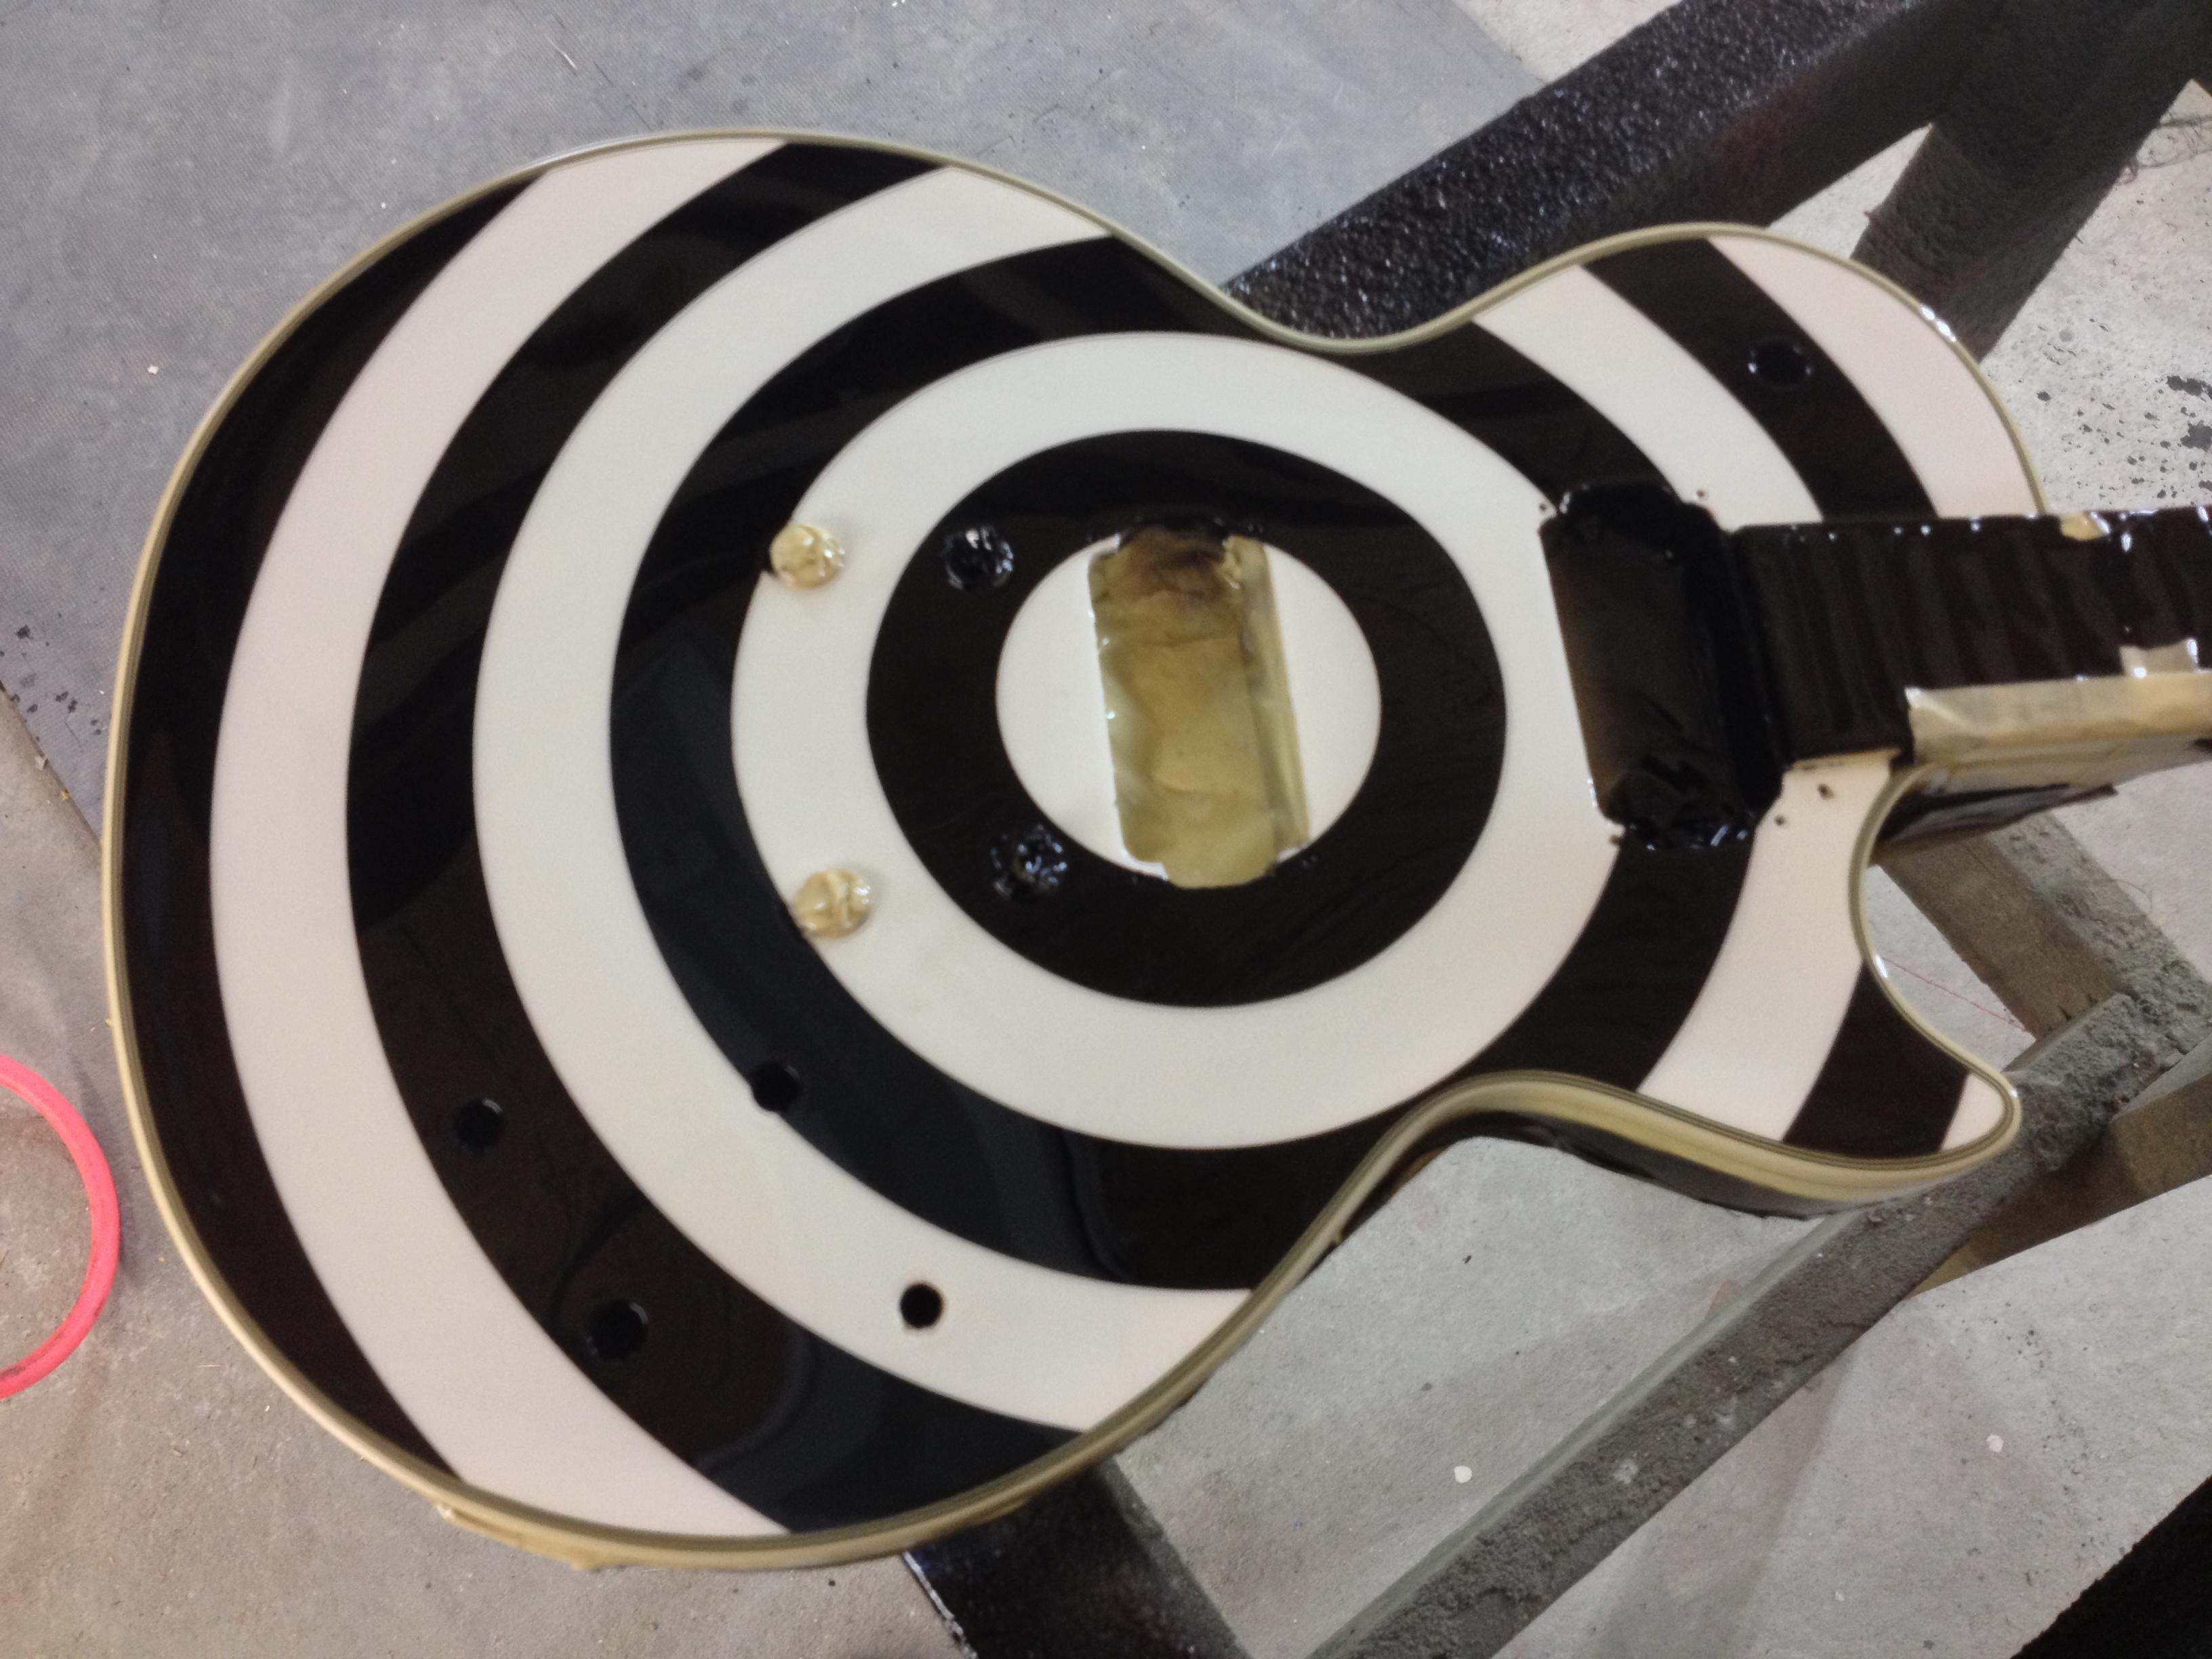 Guitar-Greg-Cassell-Zakk-Wylde-black-white-Replica-Epiphone (4)